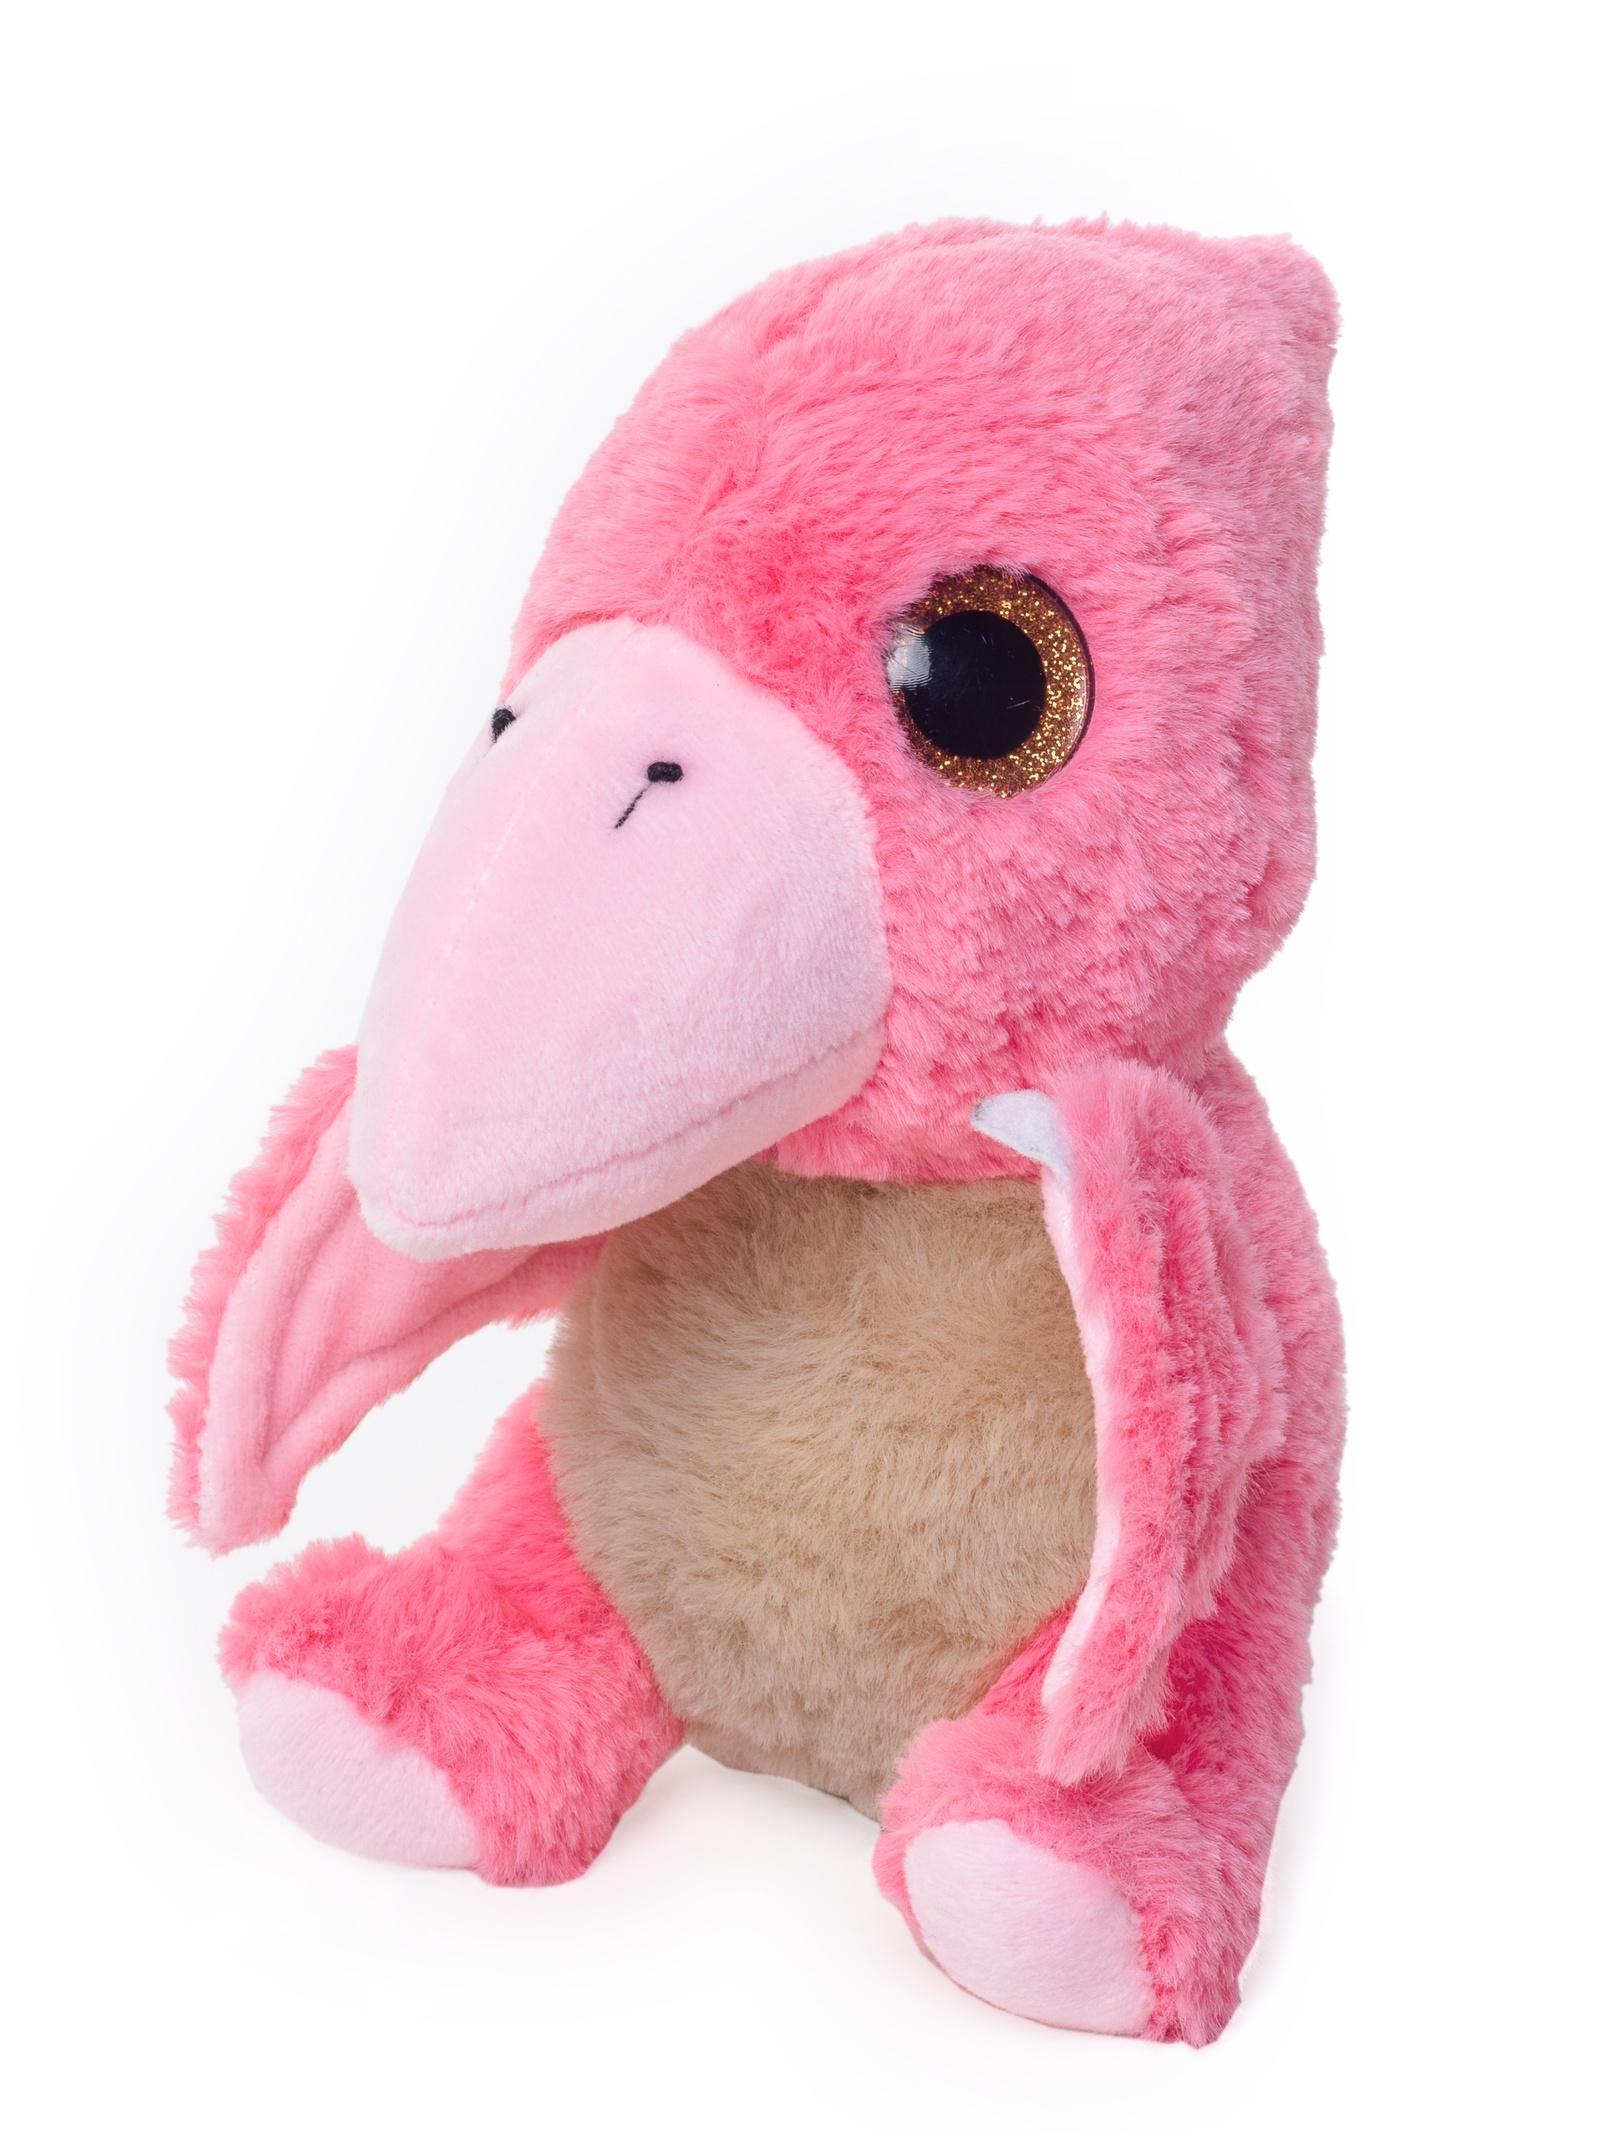 Мягкая игрушка Плюш Ленд Мягкая игрушка Птеродактиль, FX-1068B розовый игрушка мягкая динозавр плюшевый 3 цвета 28 см